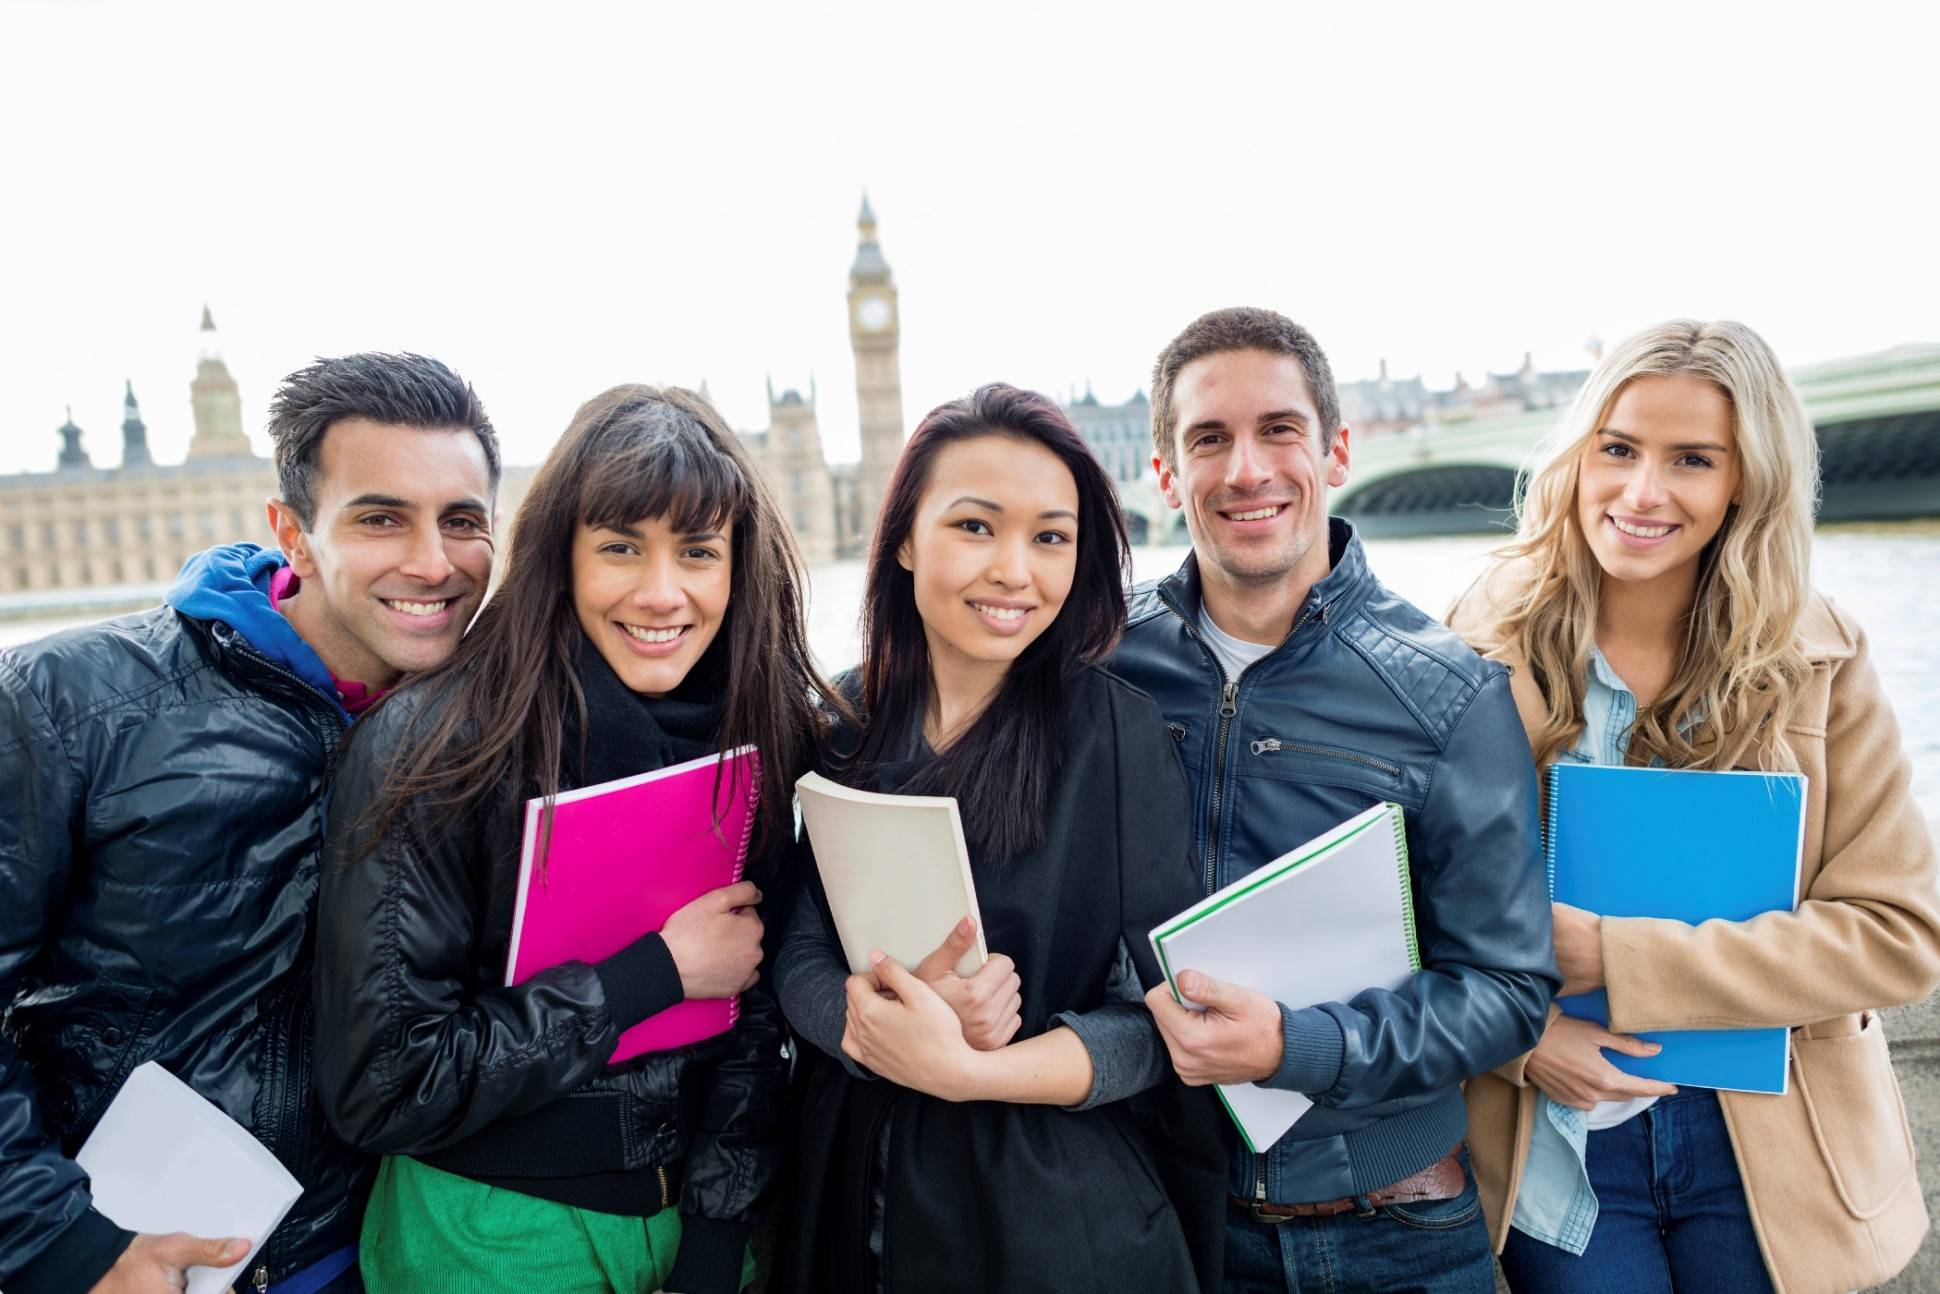 Сколько стоит жизнь в торонто для иностранных студентов? | образование в канаде, курсы английского, колледж, университет, стажировки, последипломное обучение